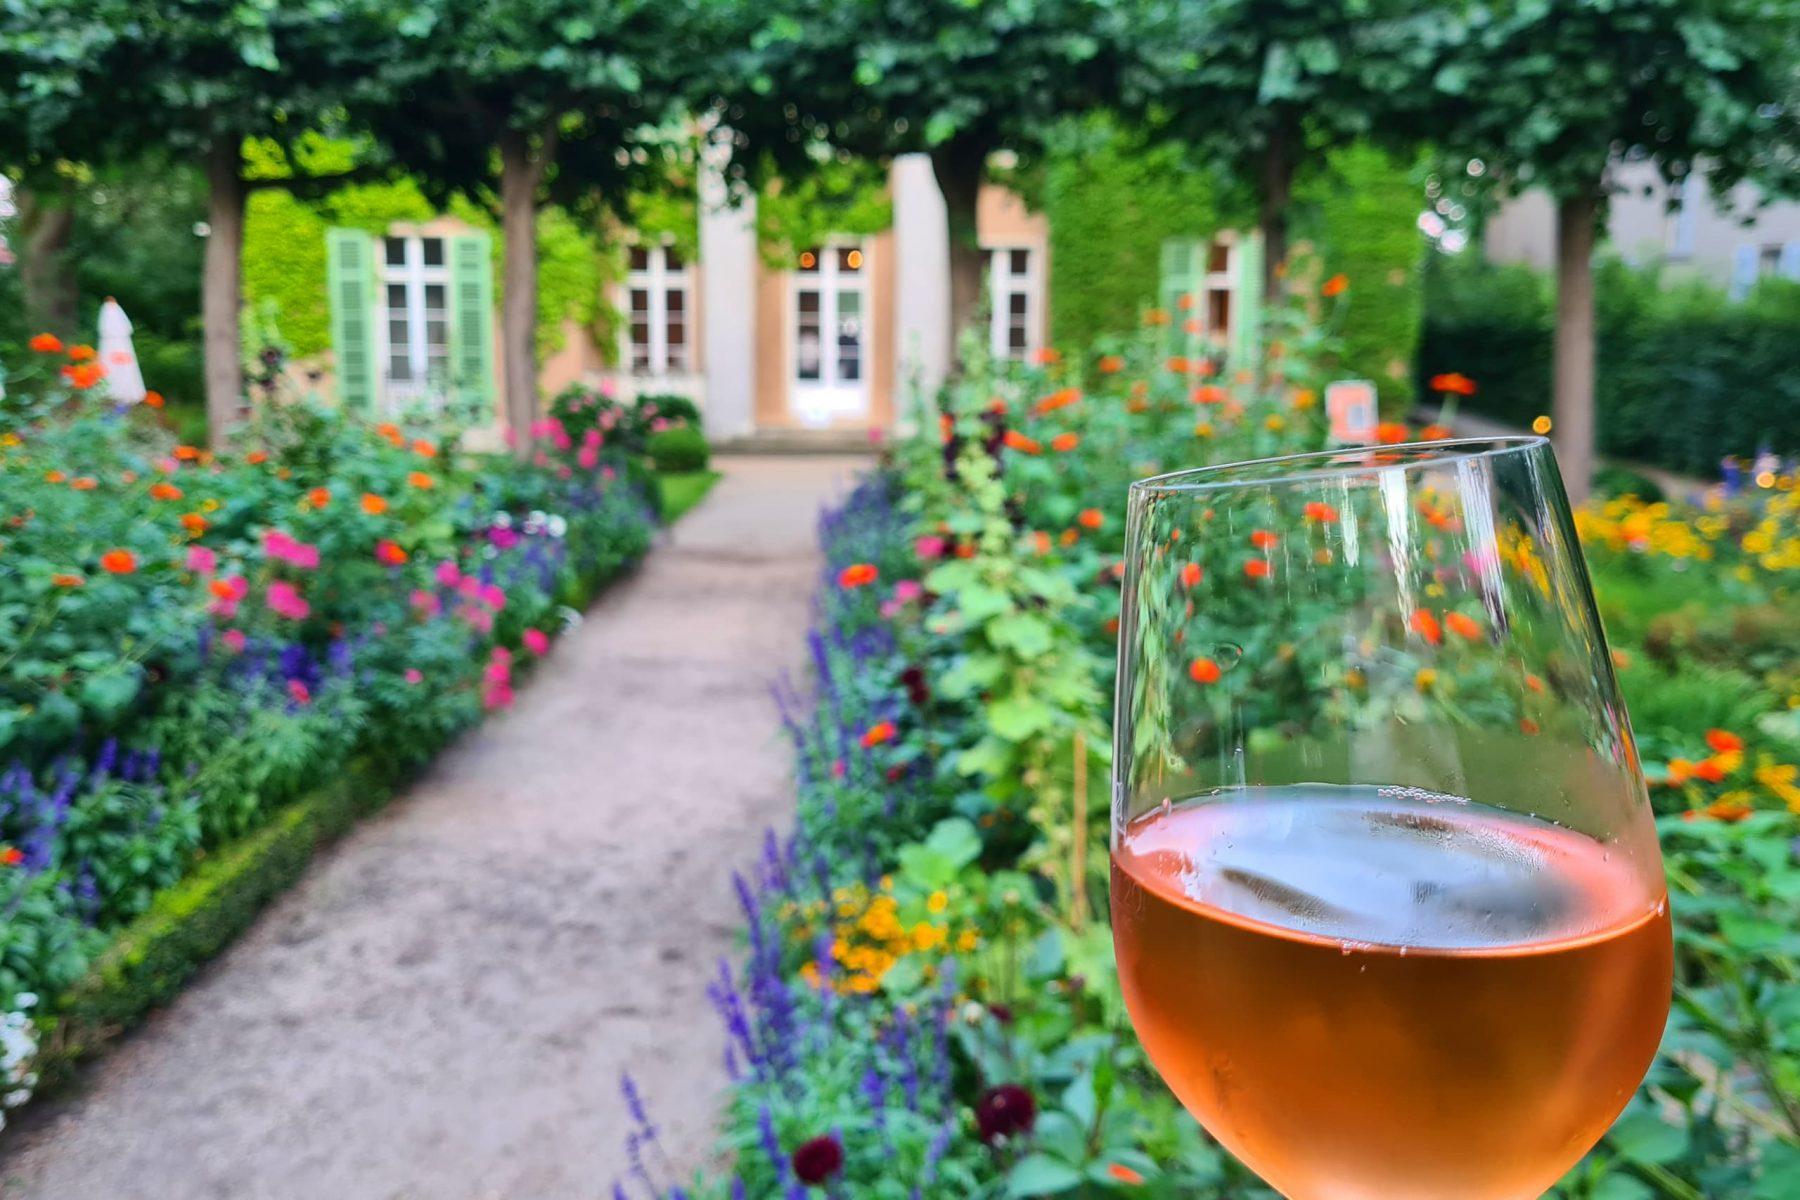 Rechts ein Weinglas mit Rosé vor der Liebermann-Villa Fassade im Hintergrund mit bunten Blumenbeeten.